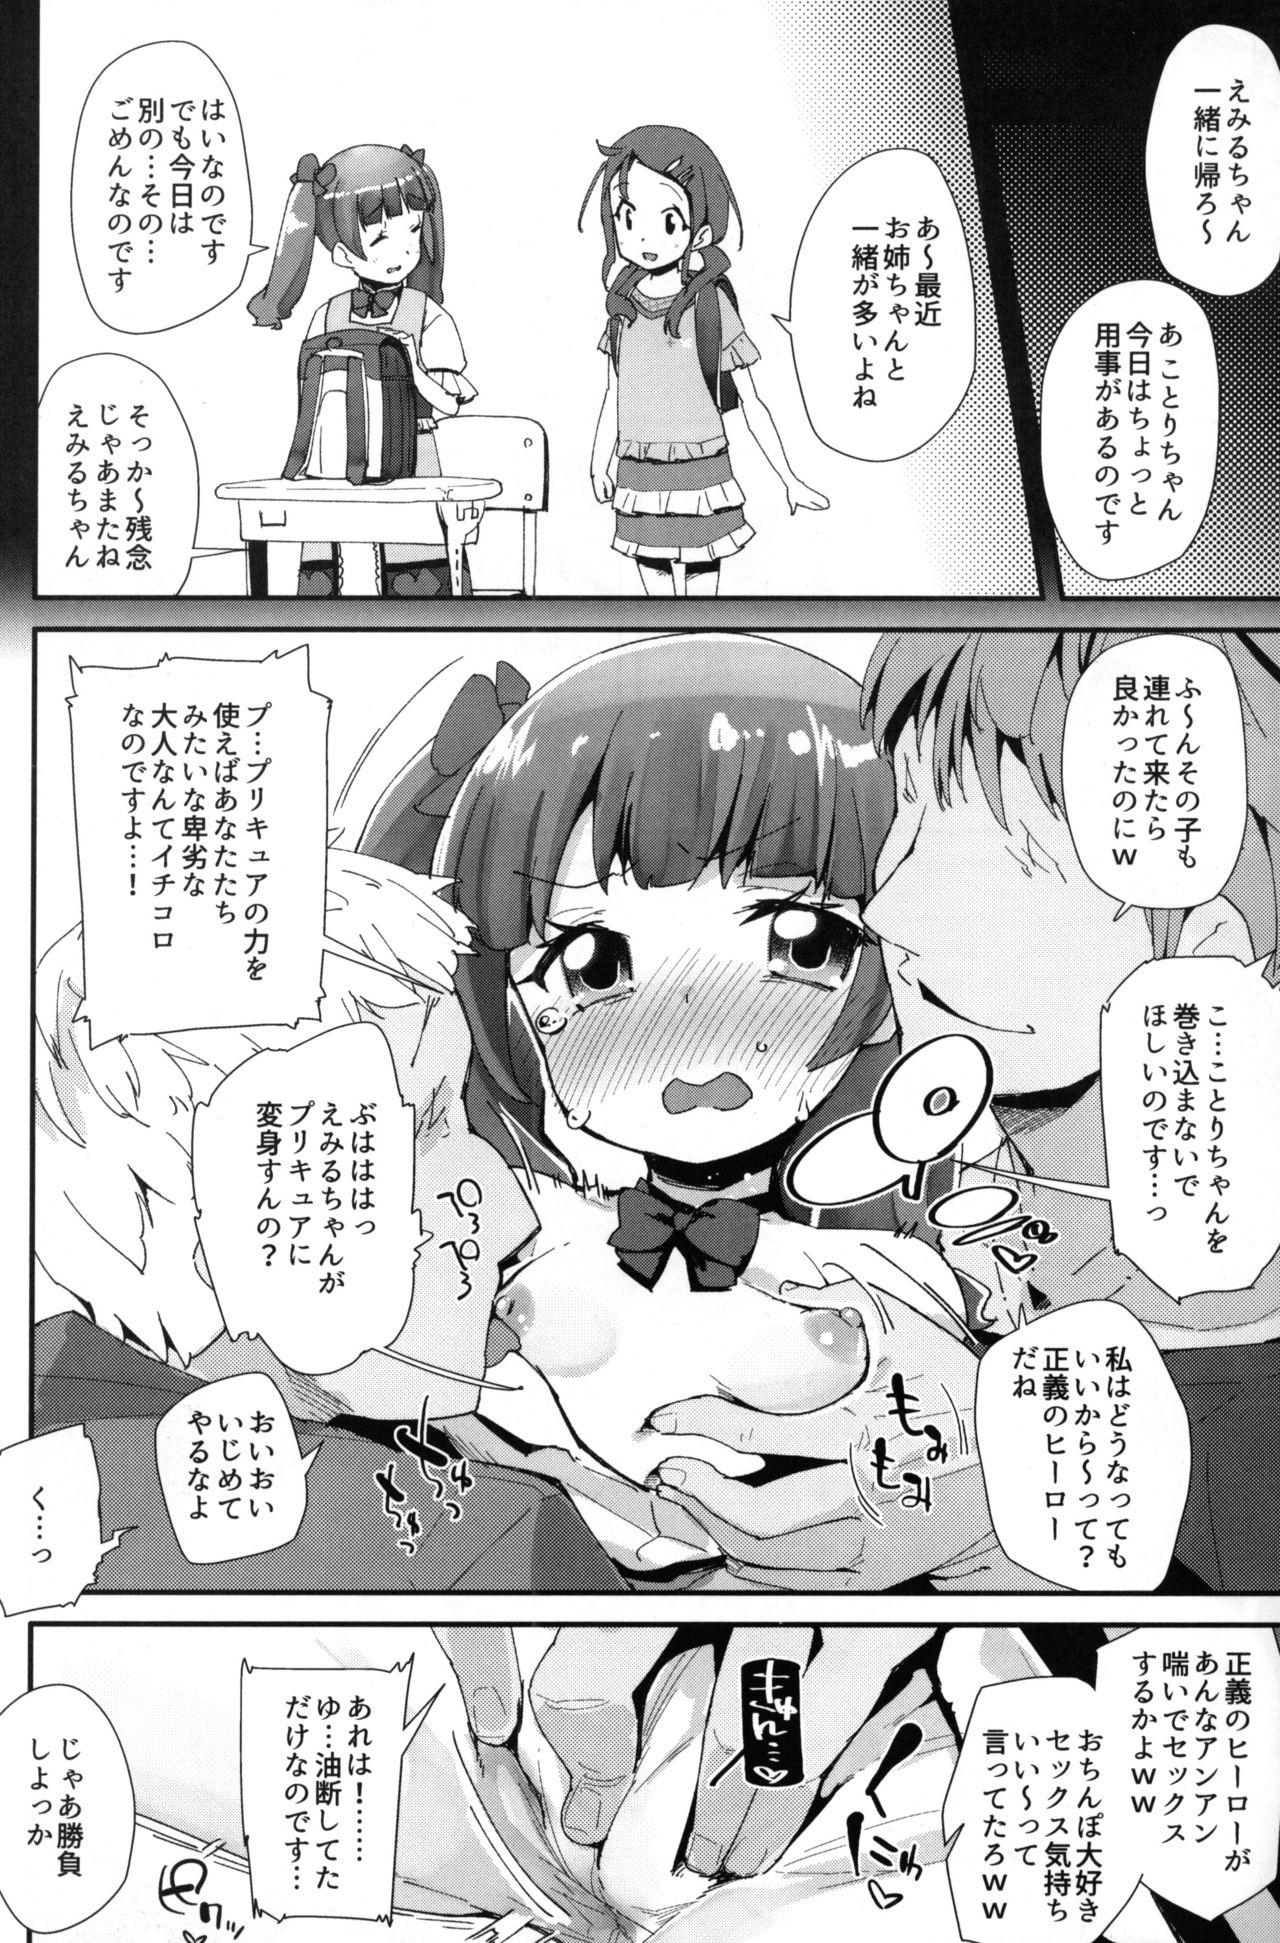 Warui Otoko ni Kimeseku Chuudoku ni Sarete Mama ni Naru Emiru-chan 10